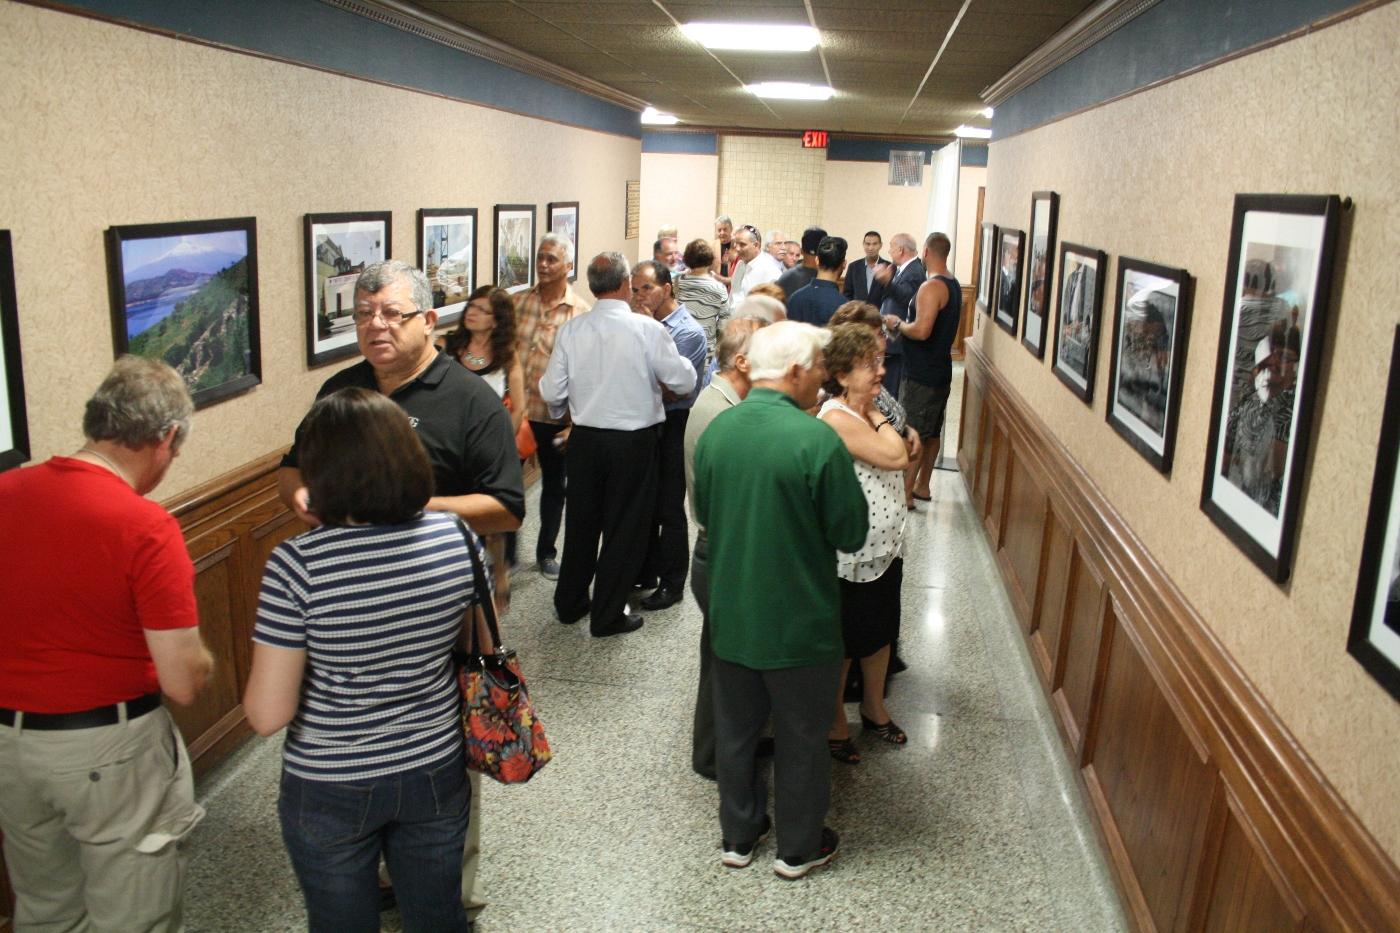 Windsor, mostra fotografica, Immagini fotografiche della collezione di Museum, Bagheria (2)